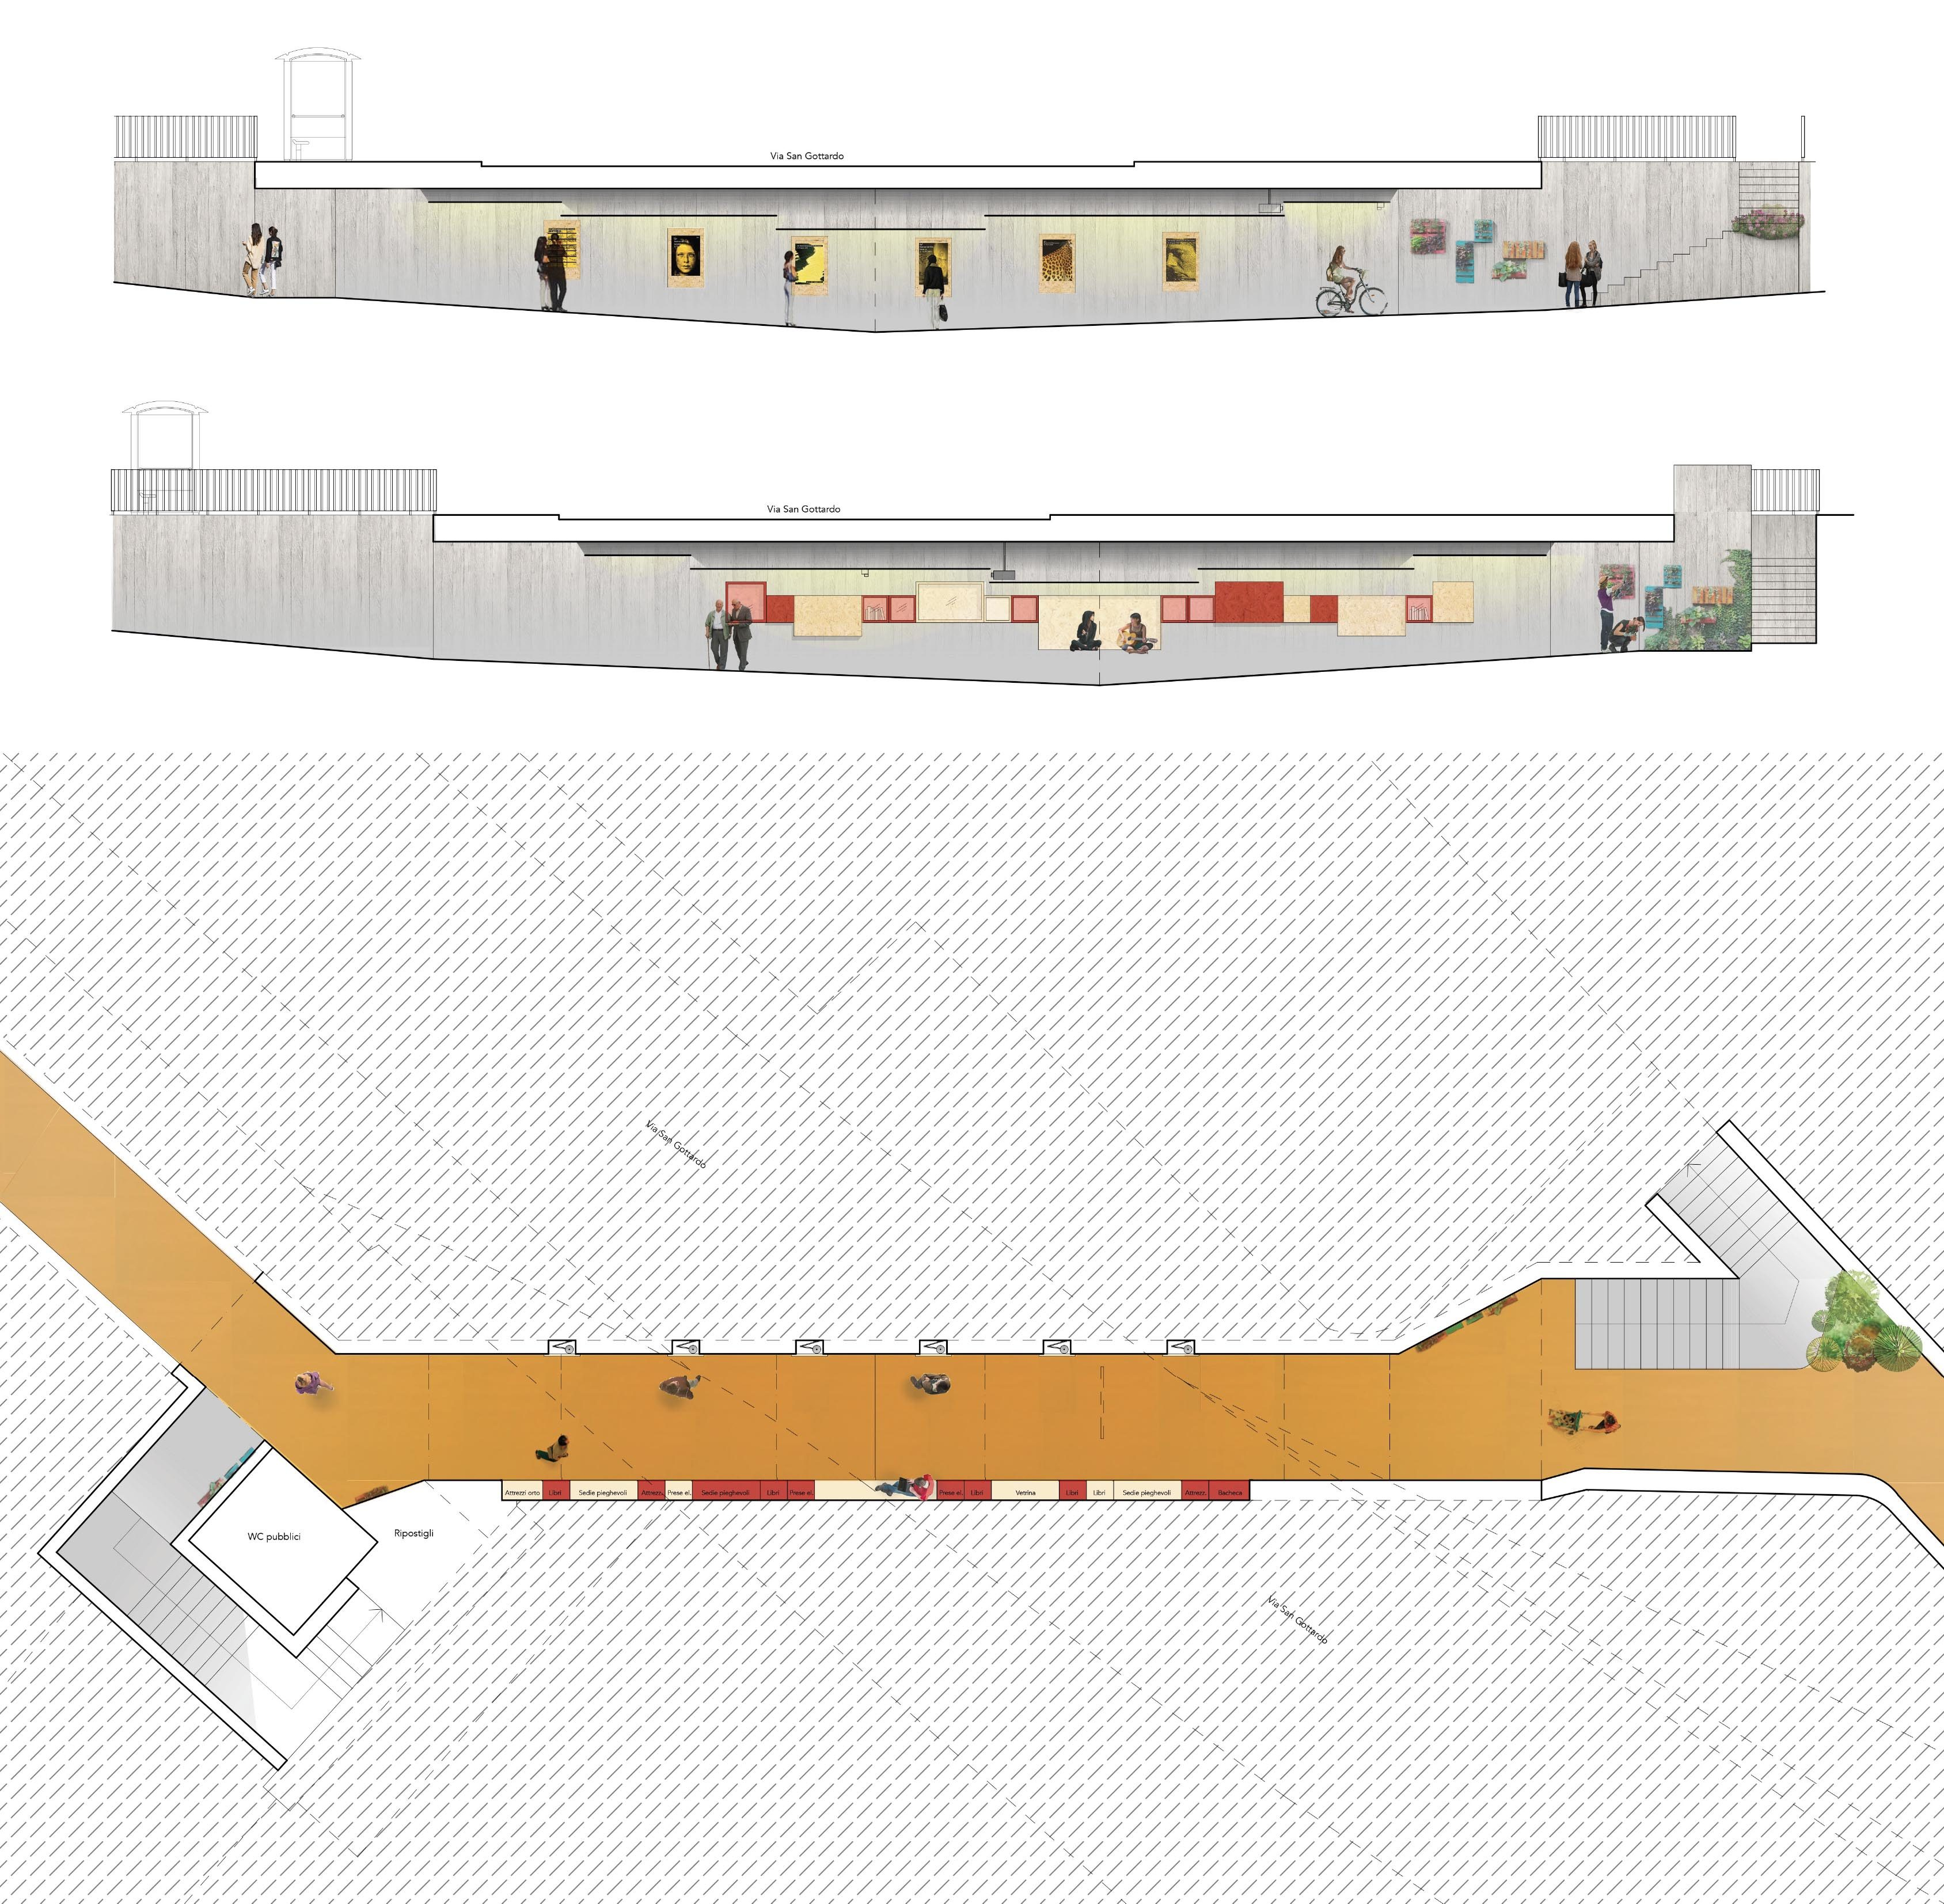 Situazione 0/base: luogo di sosta, riposo, orto urbano, museo all'aperto.